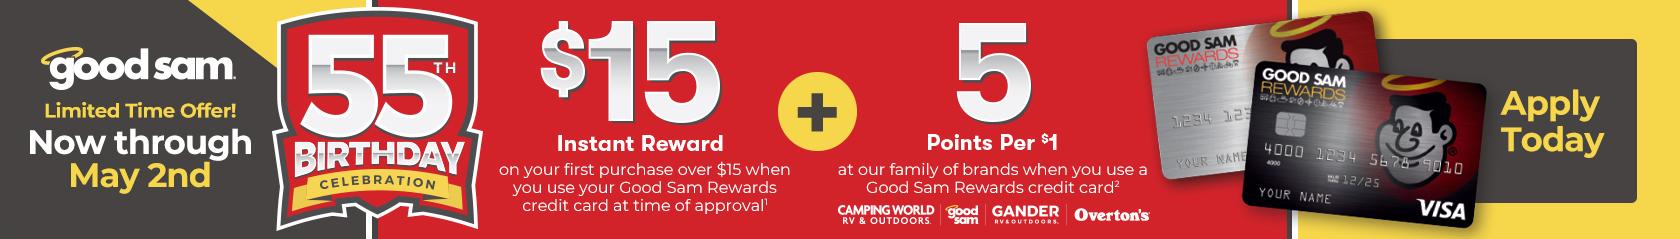 Good Sam Limited Time Offer